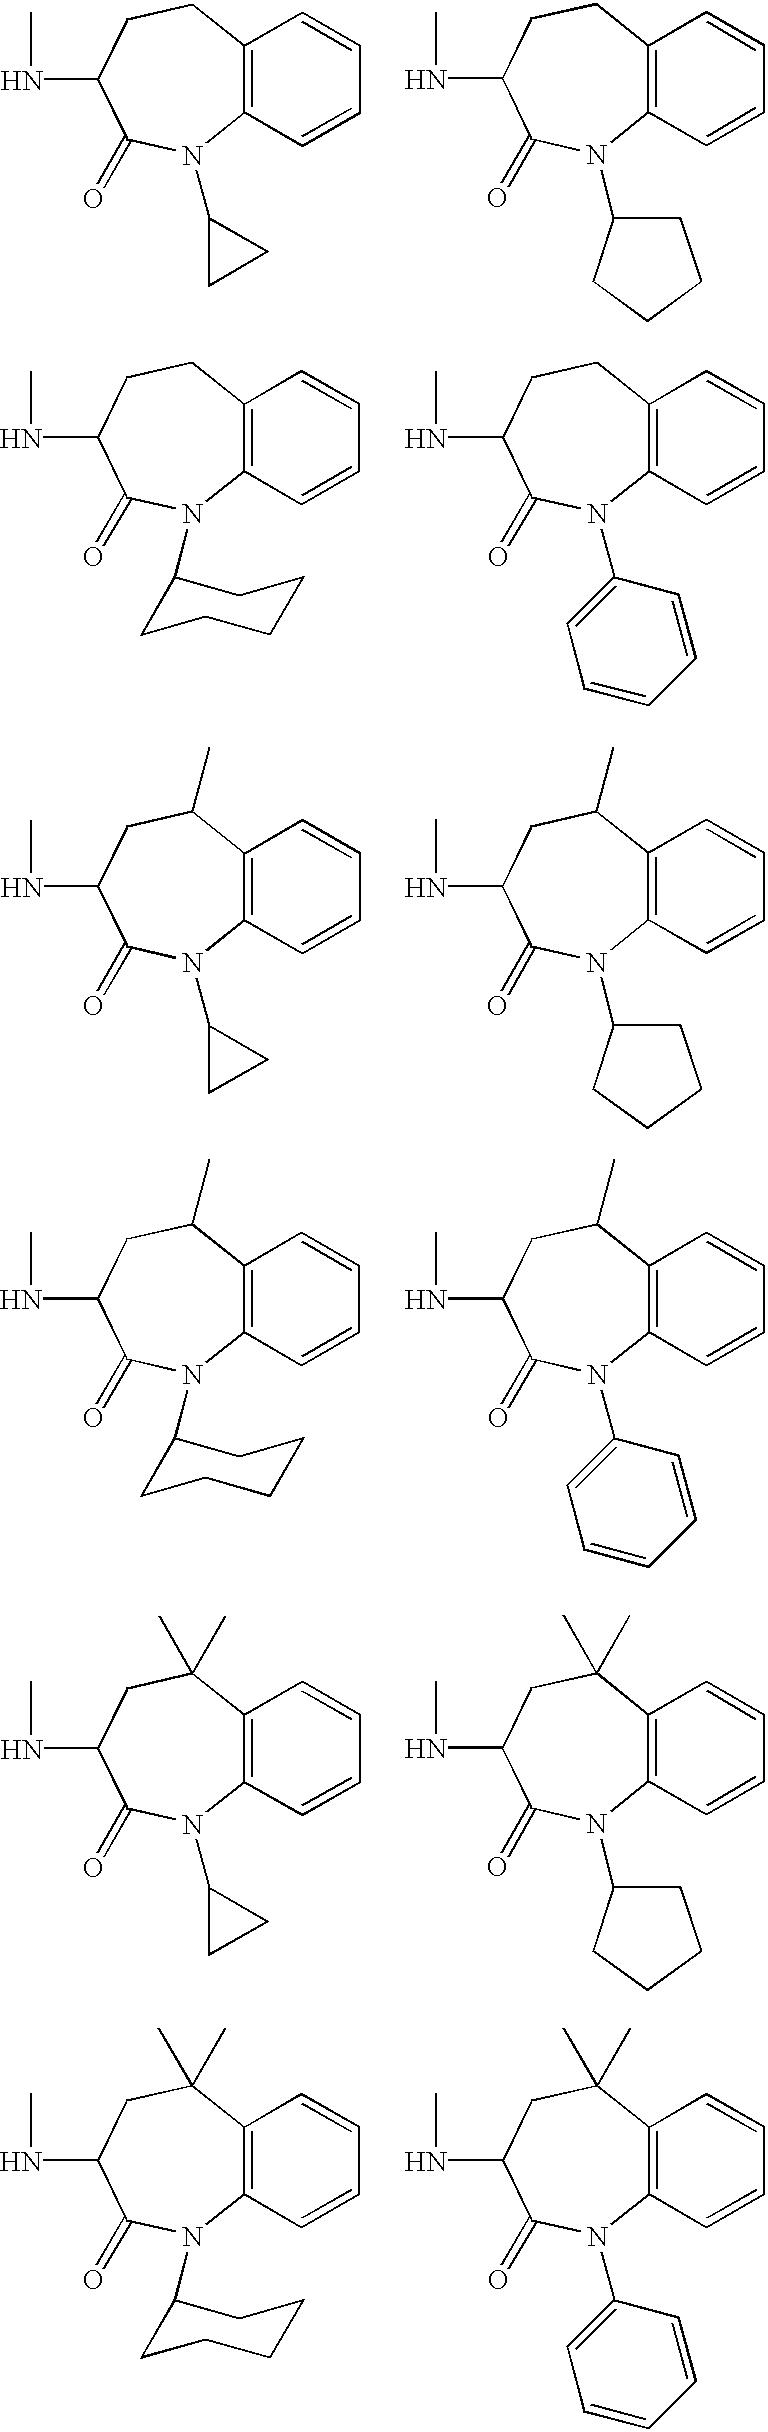 Figure US06509331-20030121-C00039